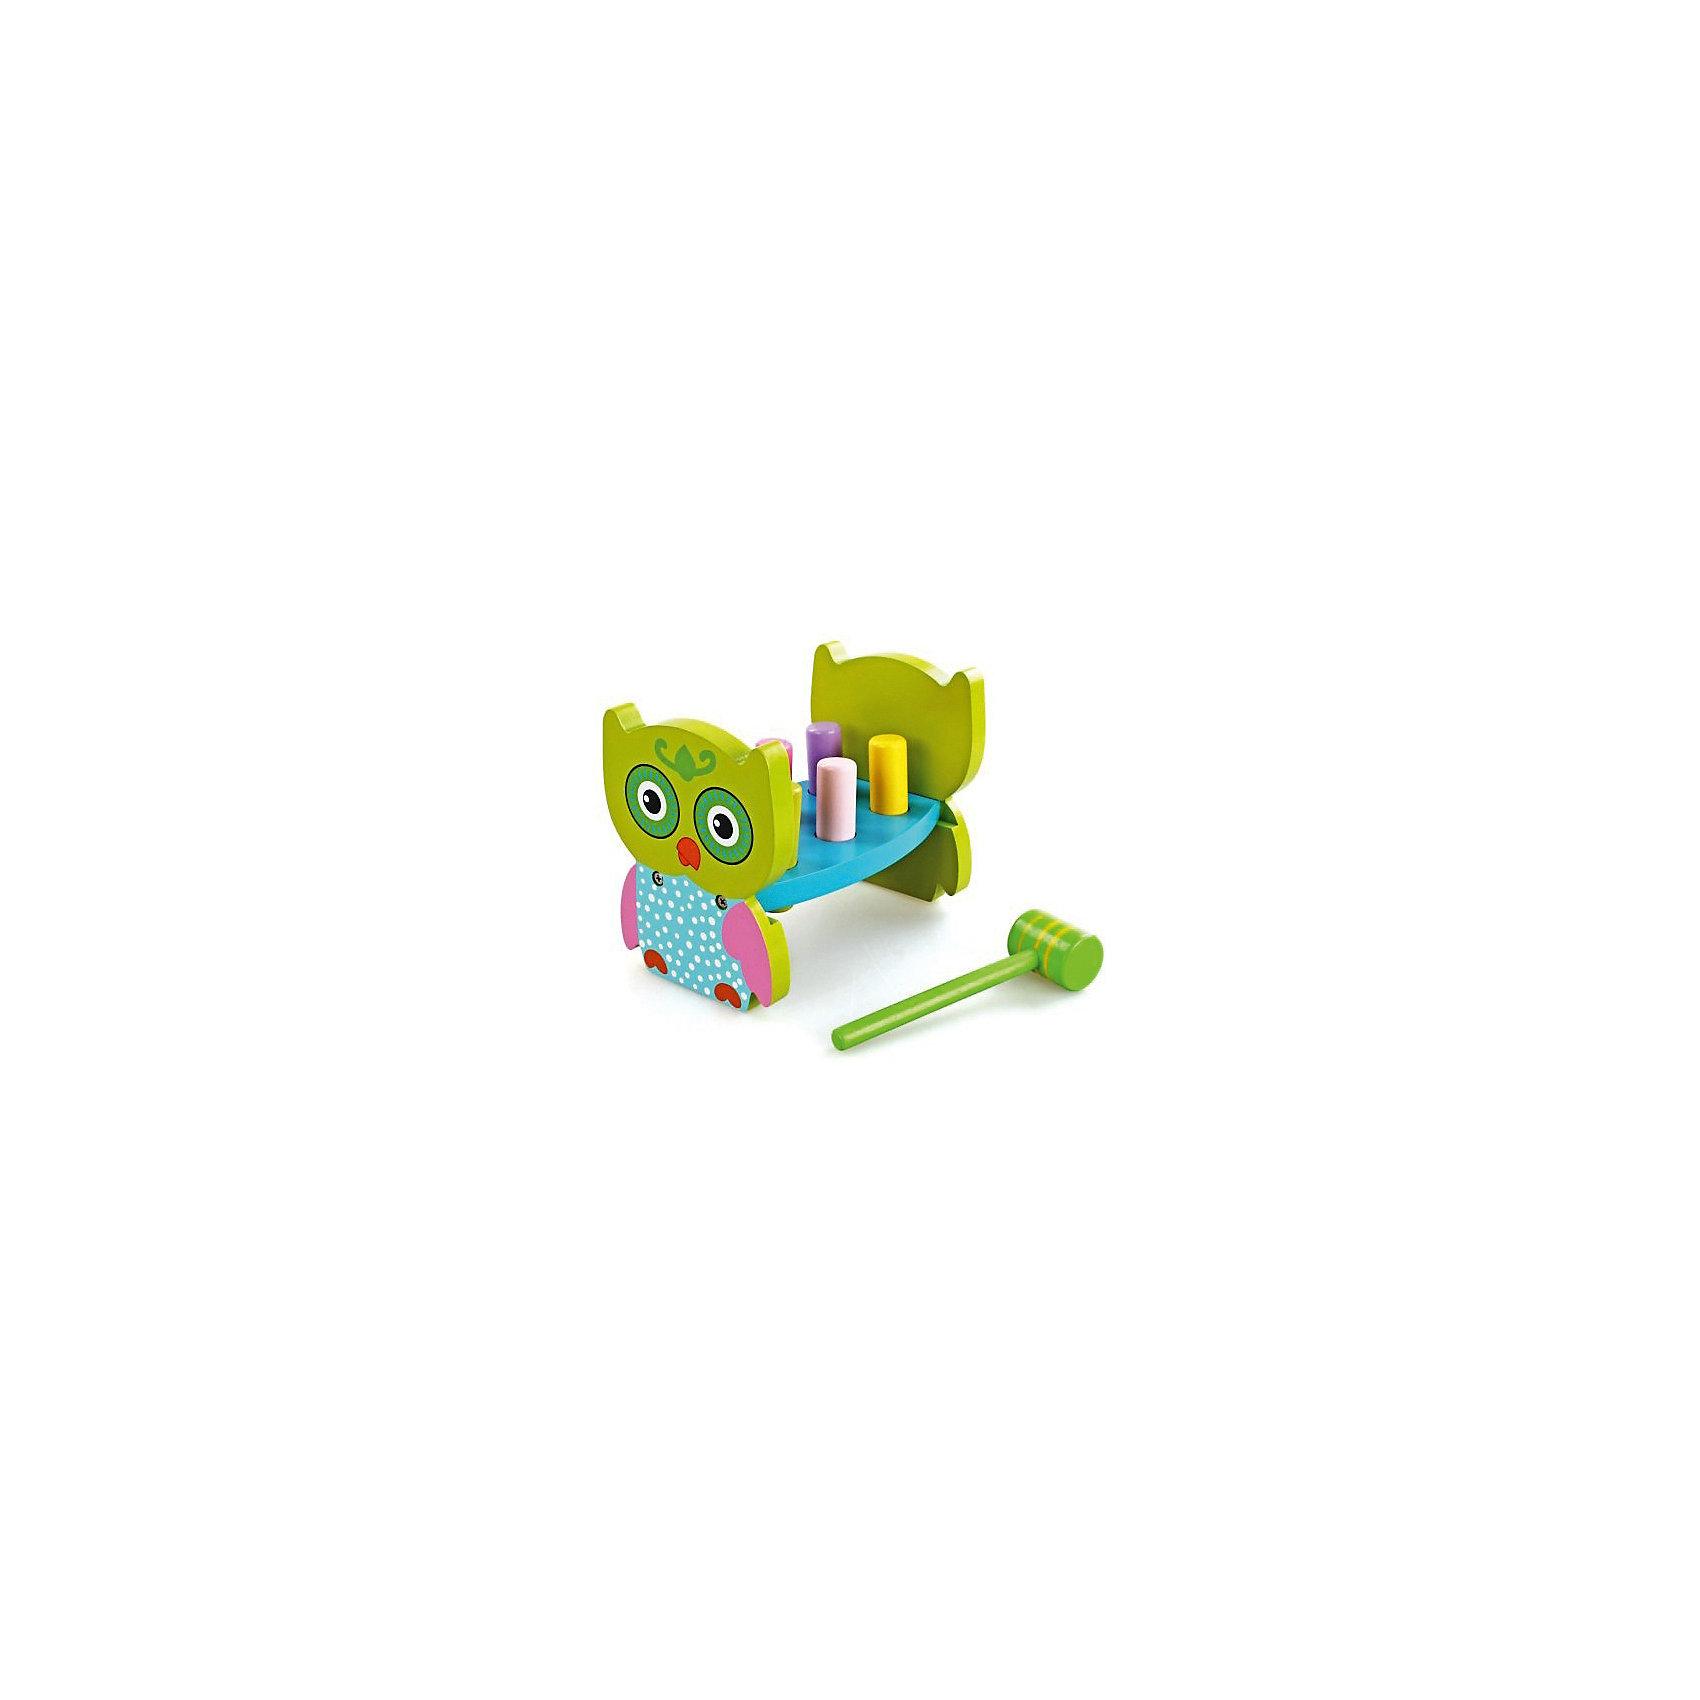 Игра с молоточком Совенок, MapachaРазвивающие игрушки<br>Игра с молоточком Совенок от популярного бренда развивающих детских товаров Mapacha (Мапача) развлечет вашу кроху! Эта симпатичная яркая сова и цветные столбики привлекут внимание и с этим набором захочется играть снова и снова. У дощечки имеются шесть разноцветных столбиков, которые нужно забивать молоточком, после того, как все столбики будут забиты до конца нужно перевернуть сов и начинать снова! Игра изготовлена из экологически чистого и натурального материала – дерева, отлично отшлифована и окрашена в яркие цвета. Эта игра внесет новизну в привычные игрушки и позволит развить моторику ручек и логику.<br><br>Дополнительная информация:<br><br>- В комплект входит: Модуль со столбиками, молоточек<br>- Материал: дерево<br>- Размер: 19 * 12 *14 см.<br>- Размер молоточка: 16 см.<br>- Вес: 875 гр.<br><br>Игра с молоточком Совенок, Mapacha (Мапача) можно купить в нашем интернет-магазине.<br><br>Подробнее:<br>• Для детей в возрасте: от 3 лет<br>• Номер товара: 4925503<br>Страна производитель: Китай<br><br>Ширина мм: 200<br>Глубина мм: 130<br>Высота мм: 160<br>Вес г: 4333<br>Возраст от месяцев: 24<br>Возраст до месяцев: 72<br>Пол: Унисекс<br>Возраст: Детский<br>SKU: 4925503